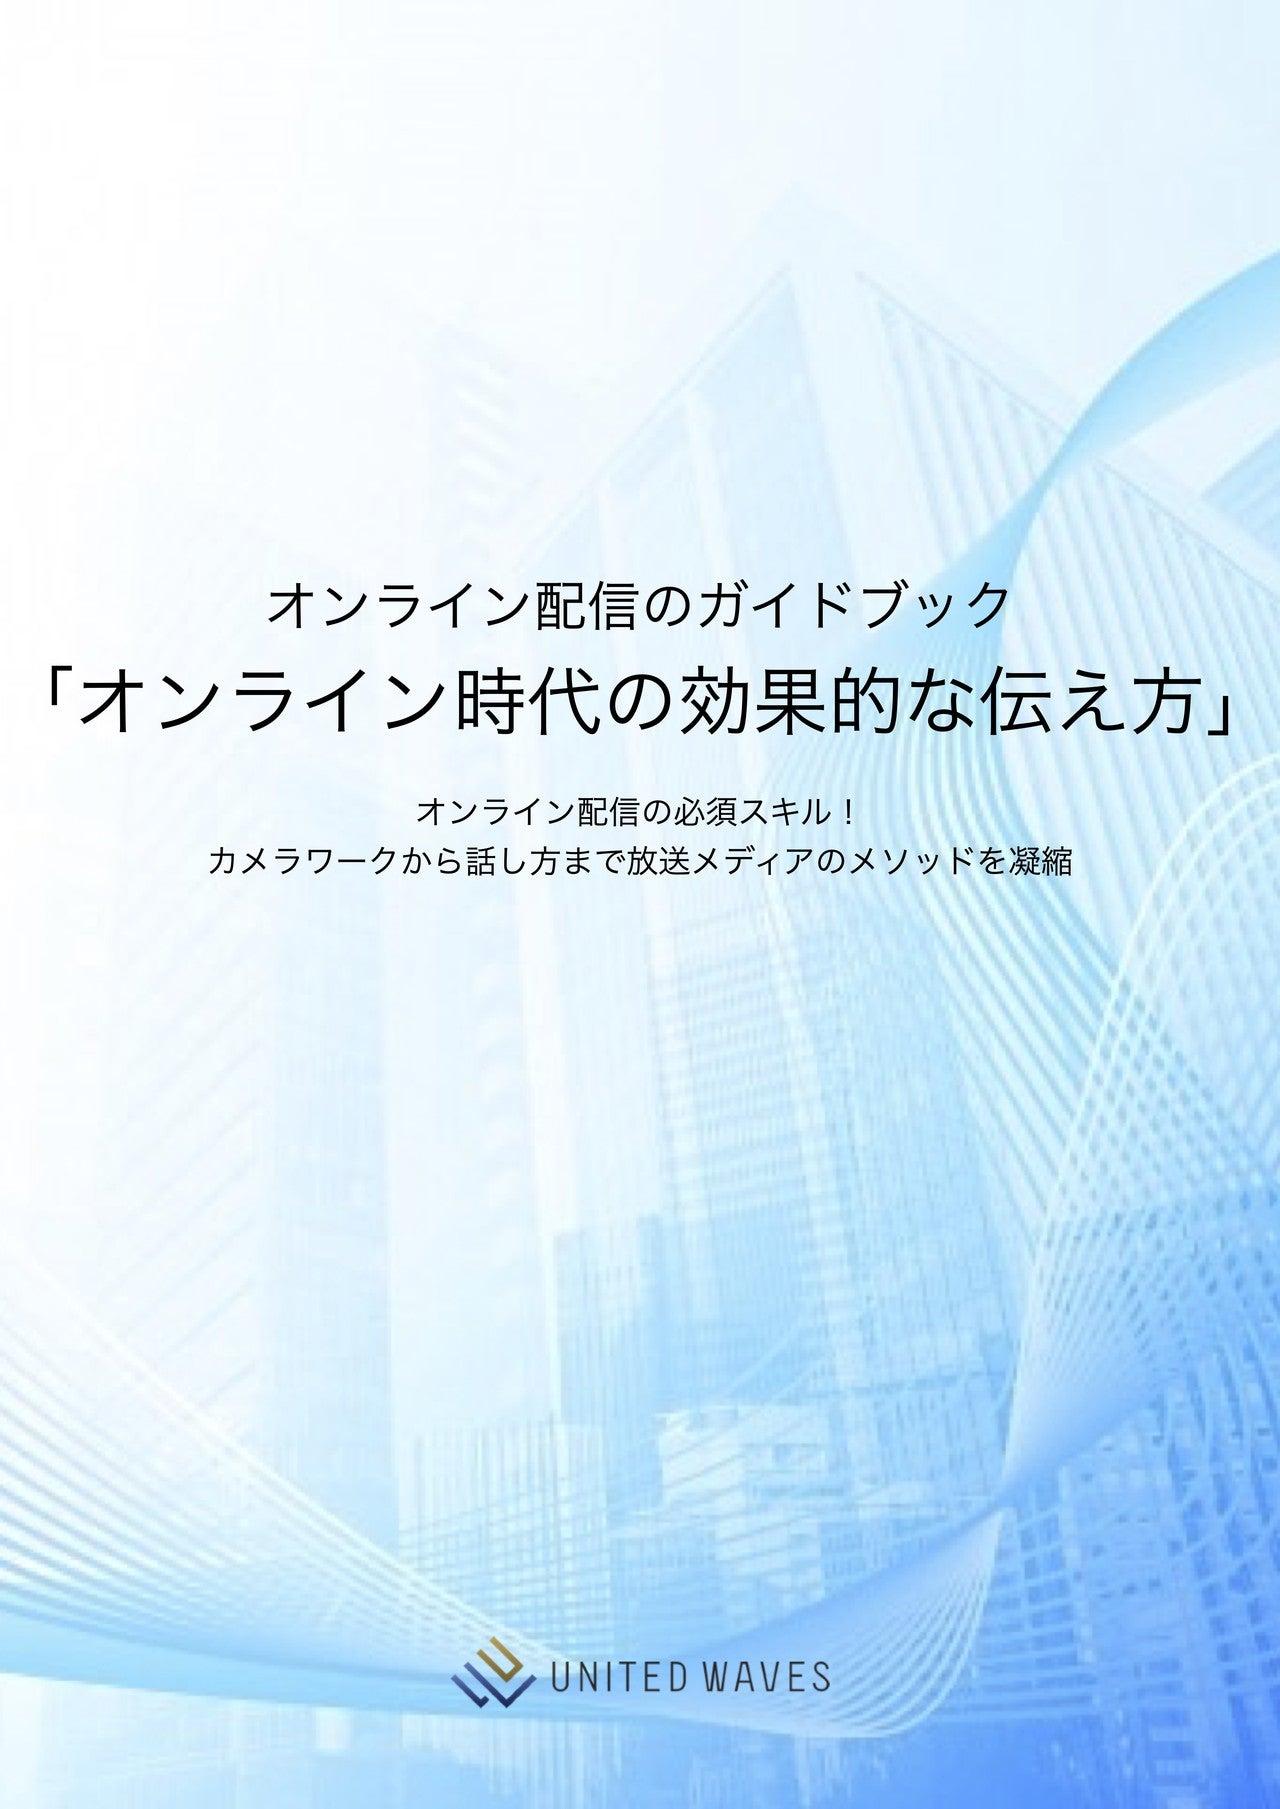 【配布用】オンライン配信テキスト(ドラッグされました)